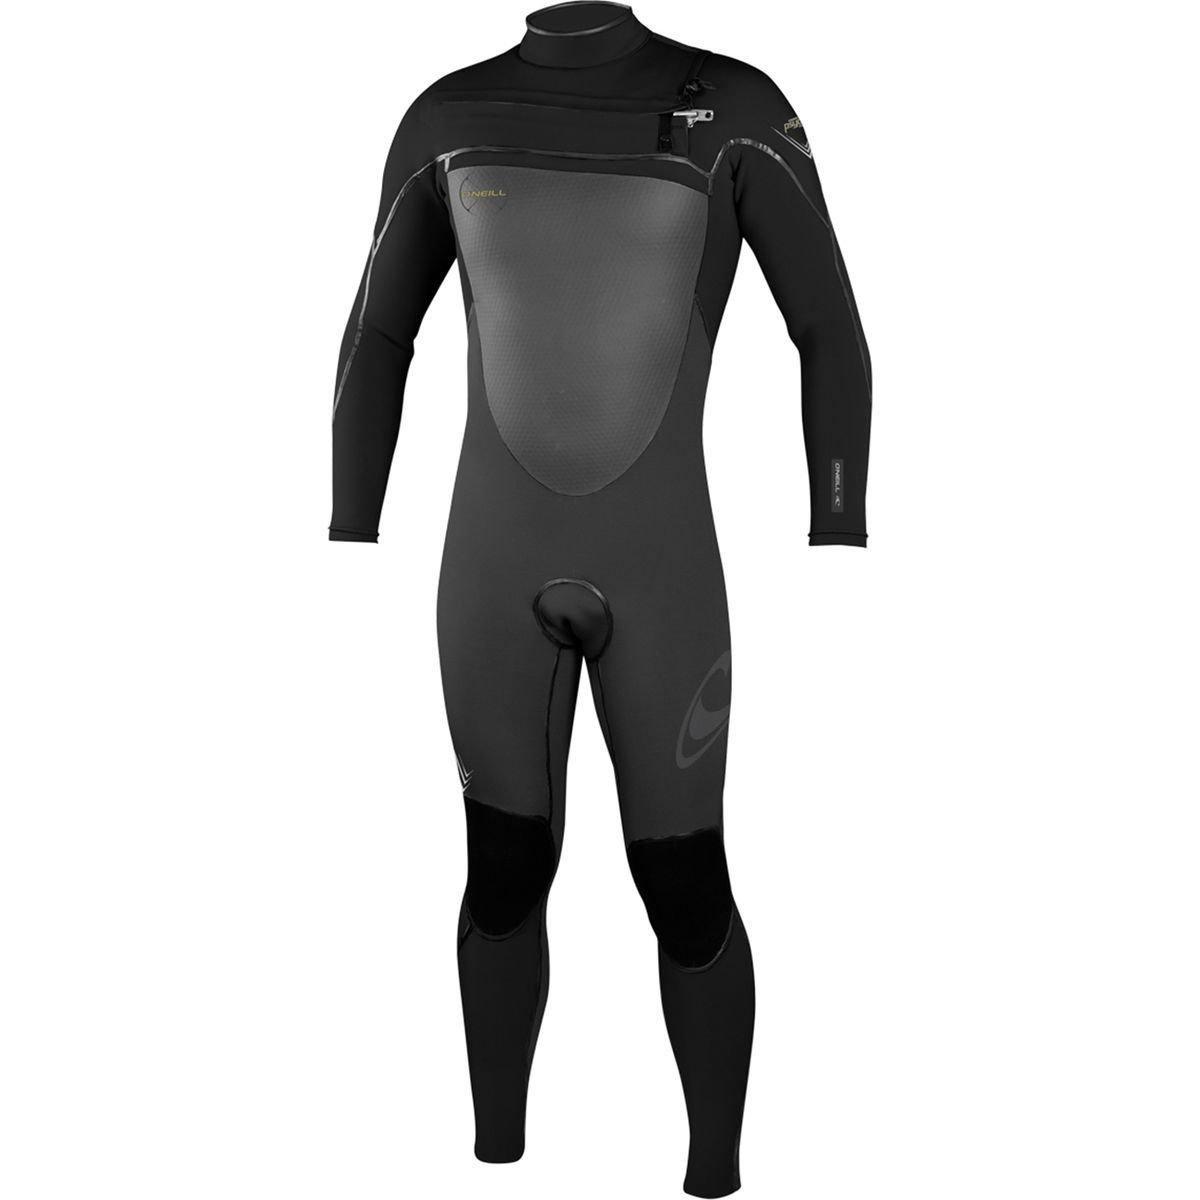 【送料無料/即納】  O ' Neill MT Psychofreak Fuze 4/ 's 3 4 Wetsuit – Men 's B017UL2BVM Black/Black/Black MT, 金物広場 みなと屋:9fb6b8a5 --- svecha37.ru